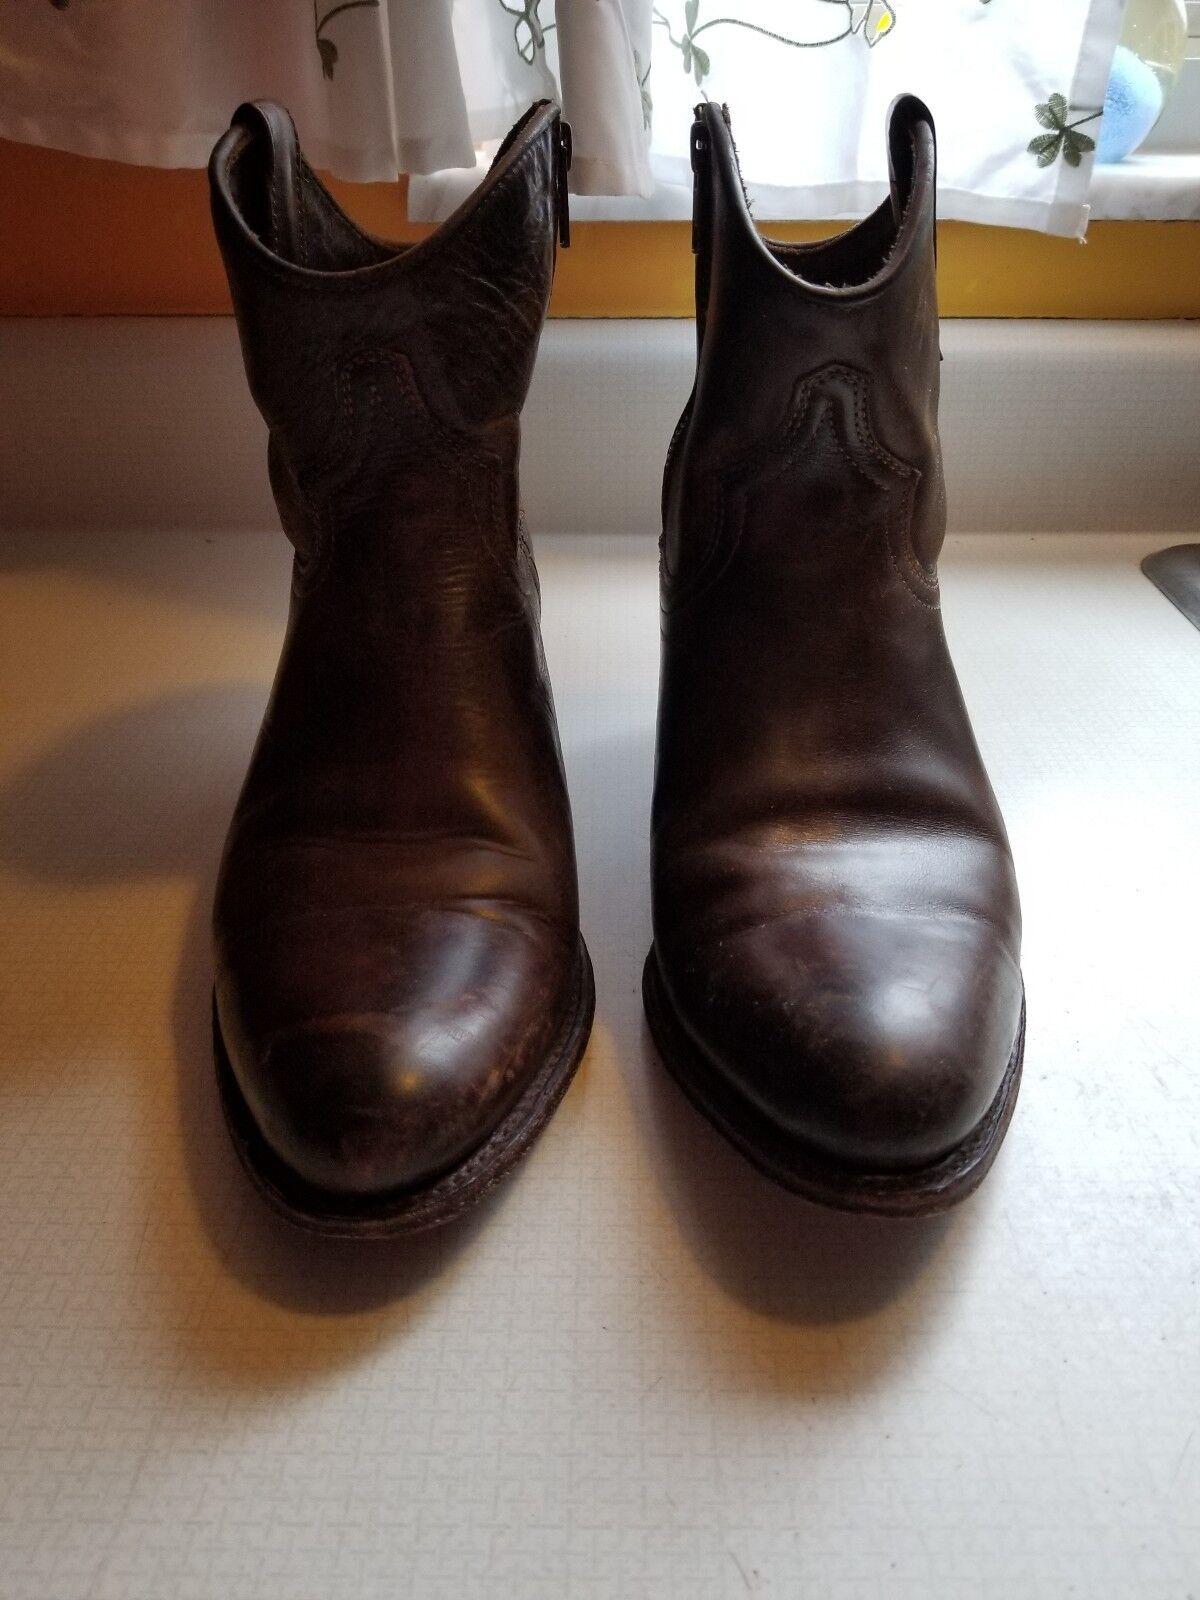 Frye para mujer Deborah corto Casual Marrón Tirar-en la moda tobillo botas 9.5M